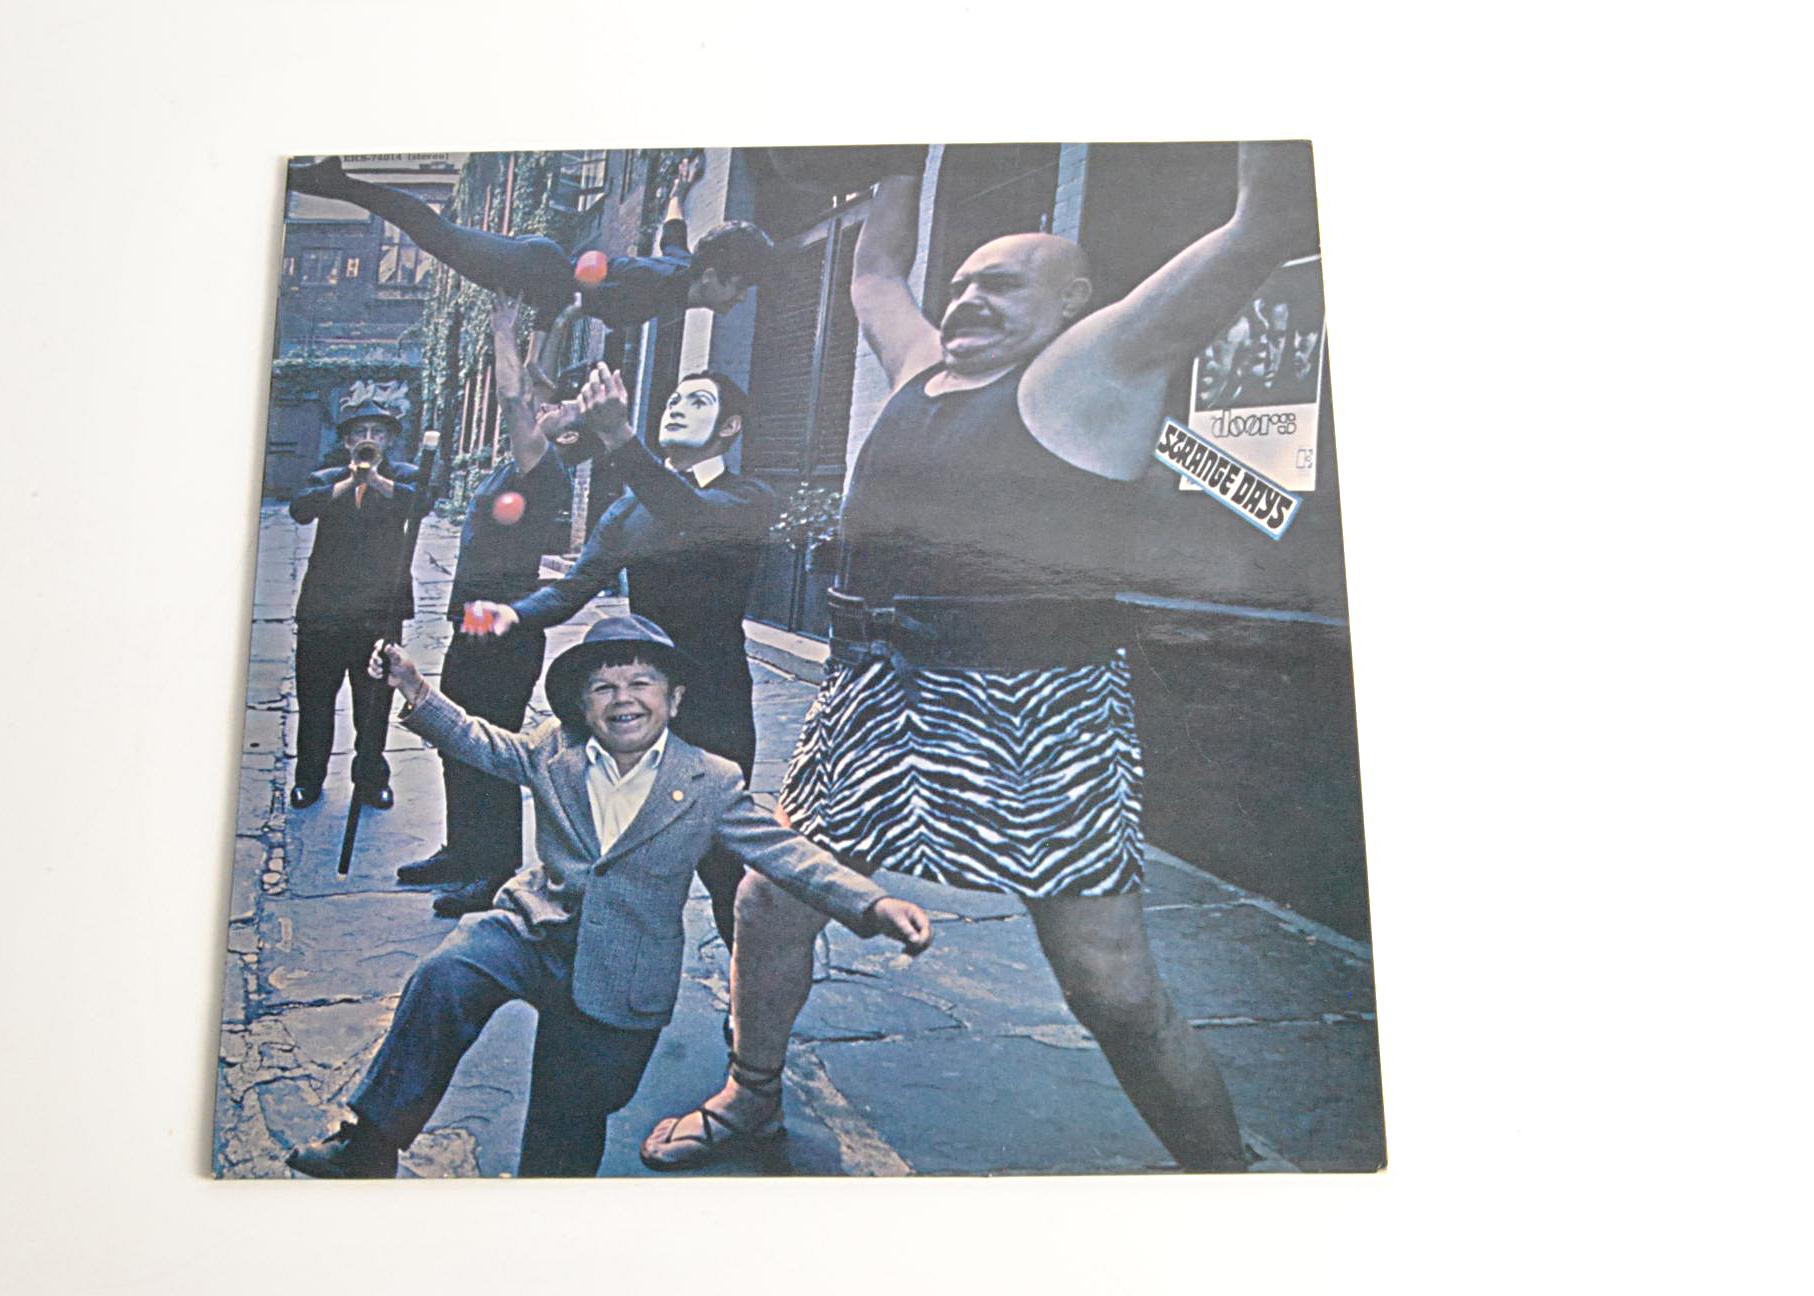 The Doors LP, Strange Days - Original UK Stereo Release 1967 on Elektra (EKS 74014) - Fully